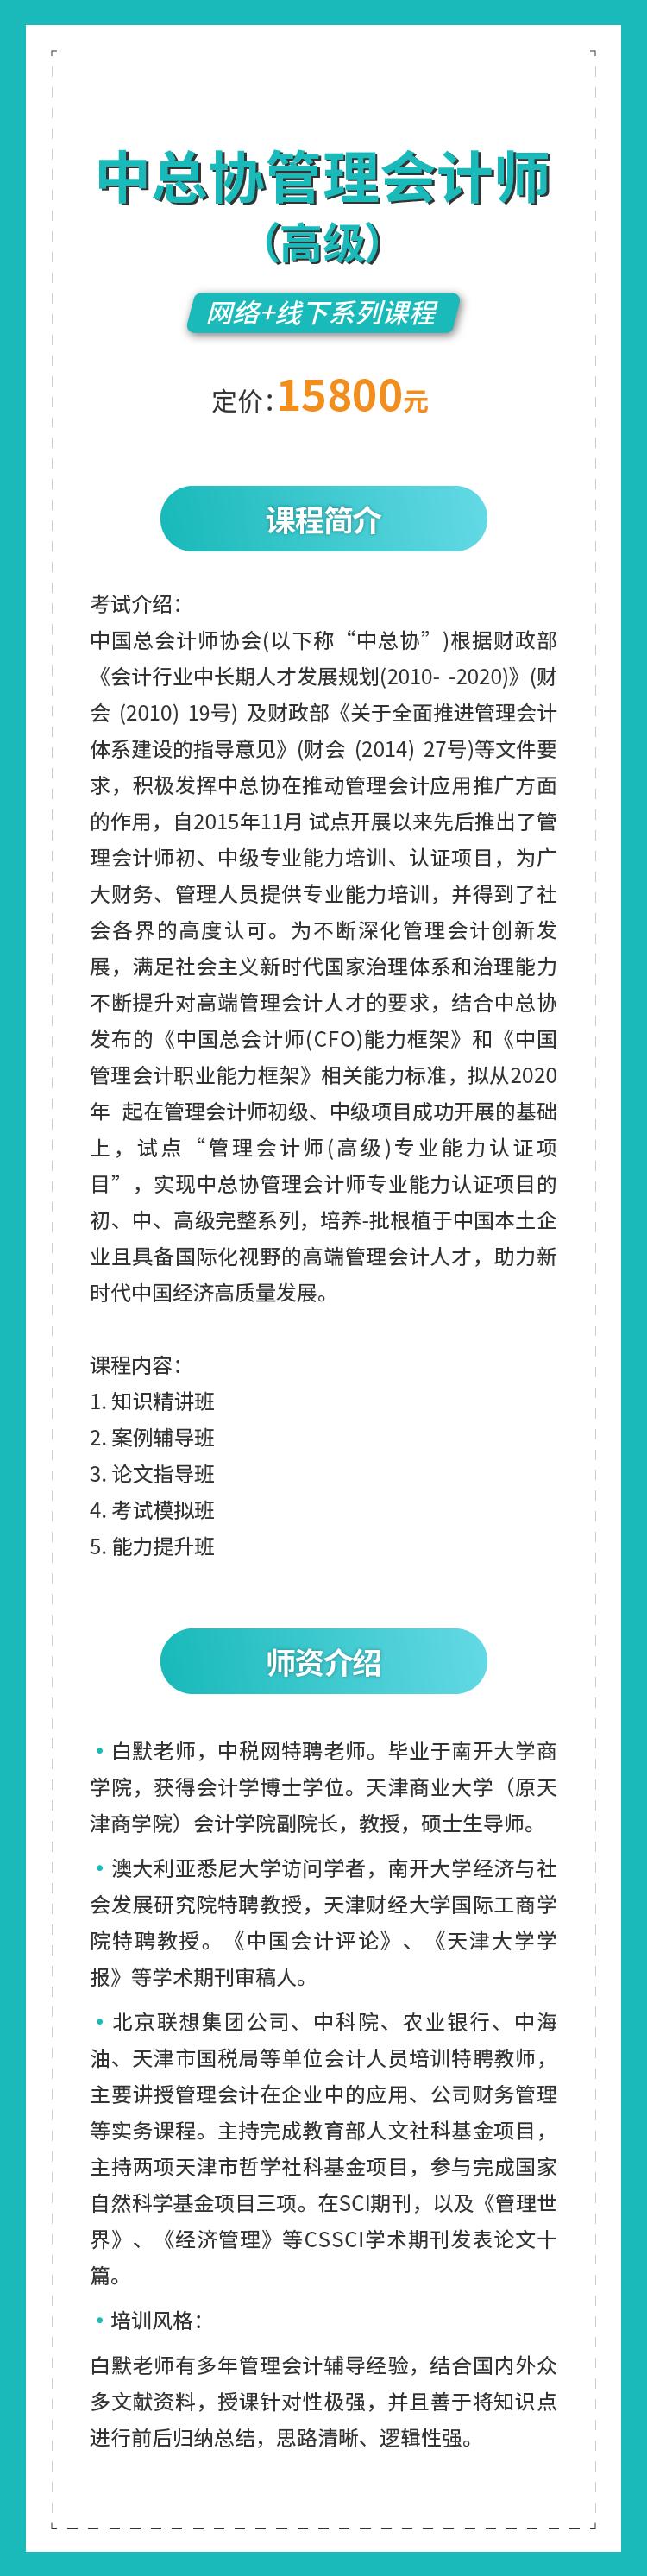 0416_中总协管理会计师(高级)网络系列课程_课程简介.png